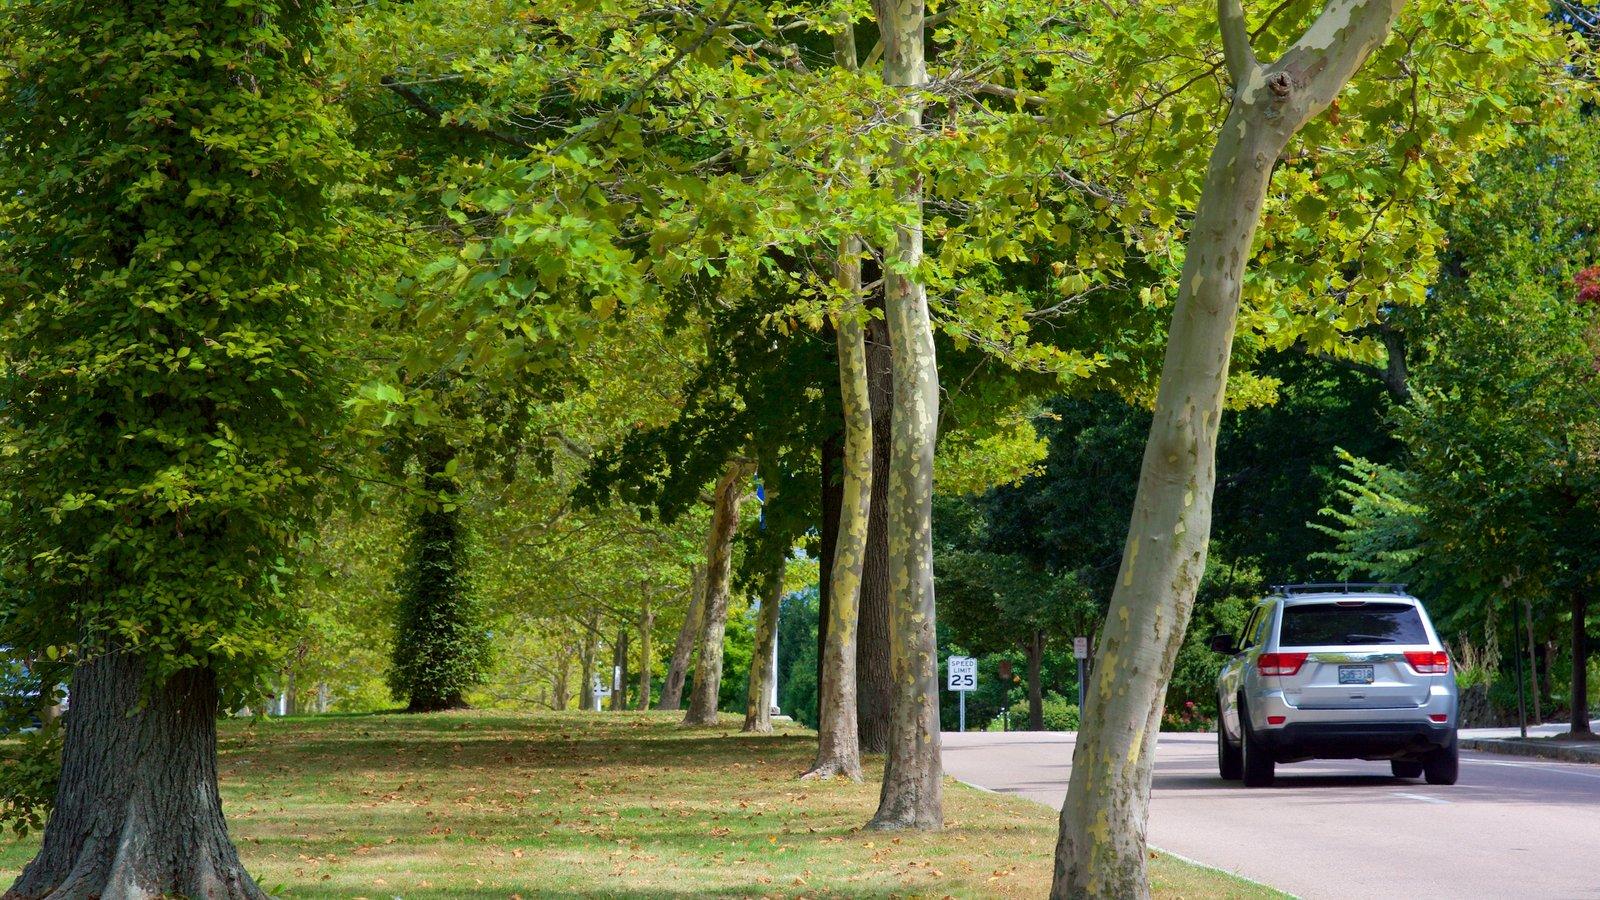 Newport mostrando un parque